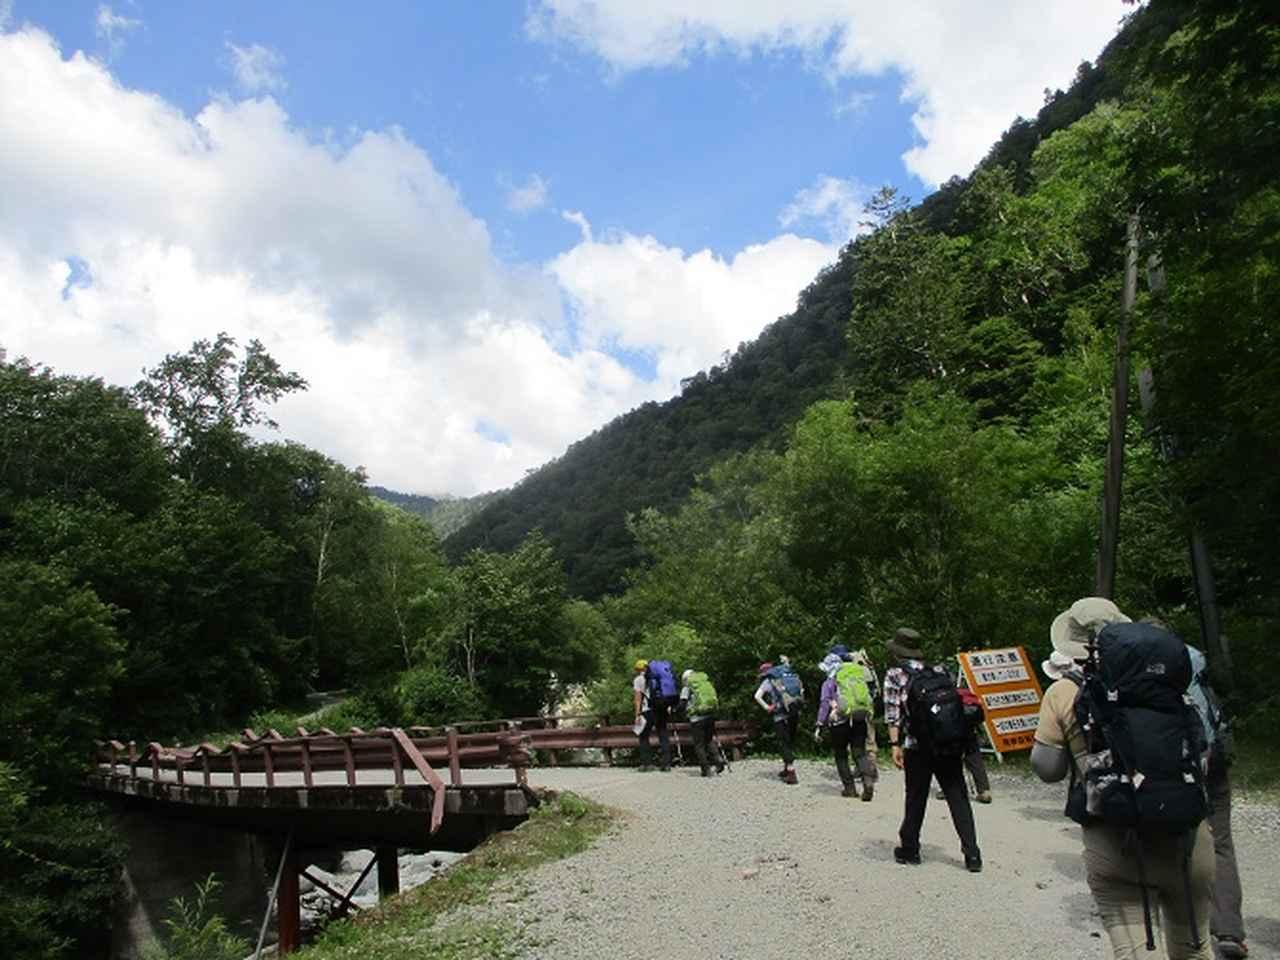 画像7: 8月1日から岡田ガイドのコースで 「ゆっくり歩く鏡平と弓折岳」 のツアーへ行ってきました!